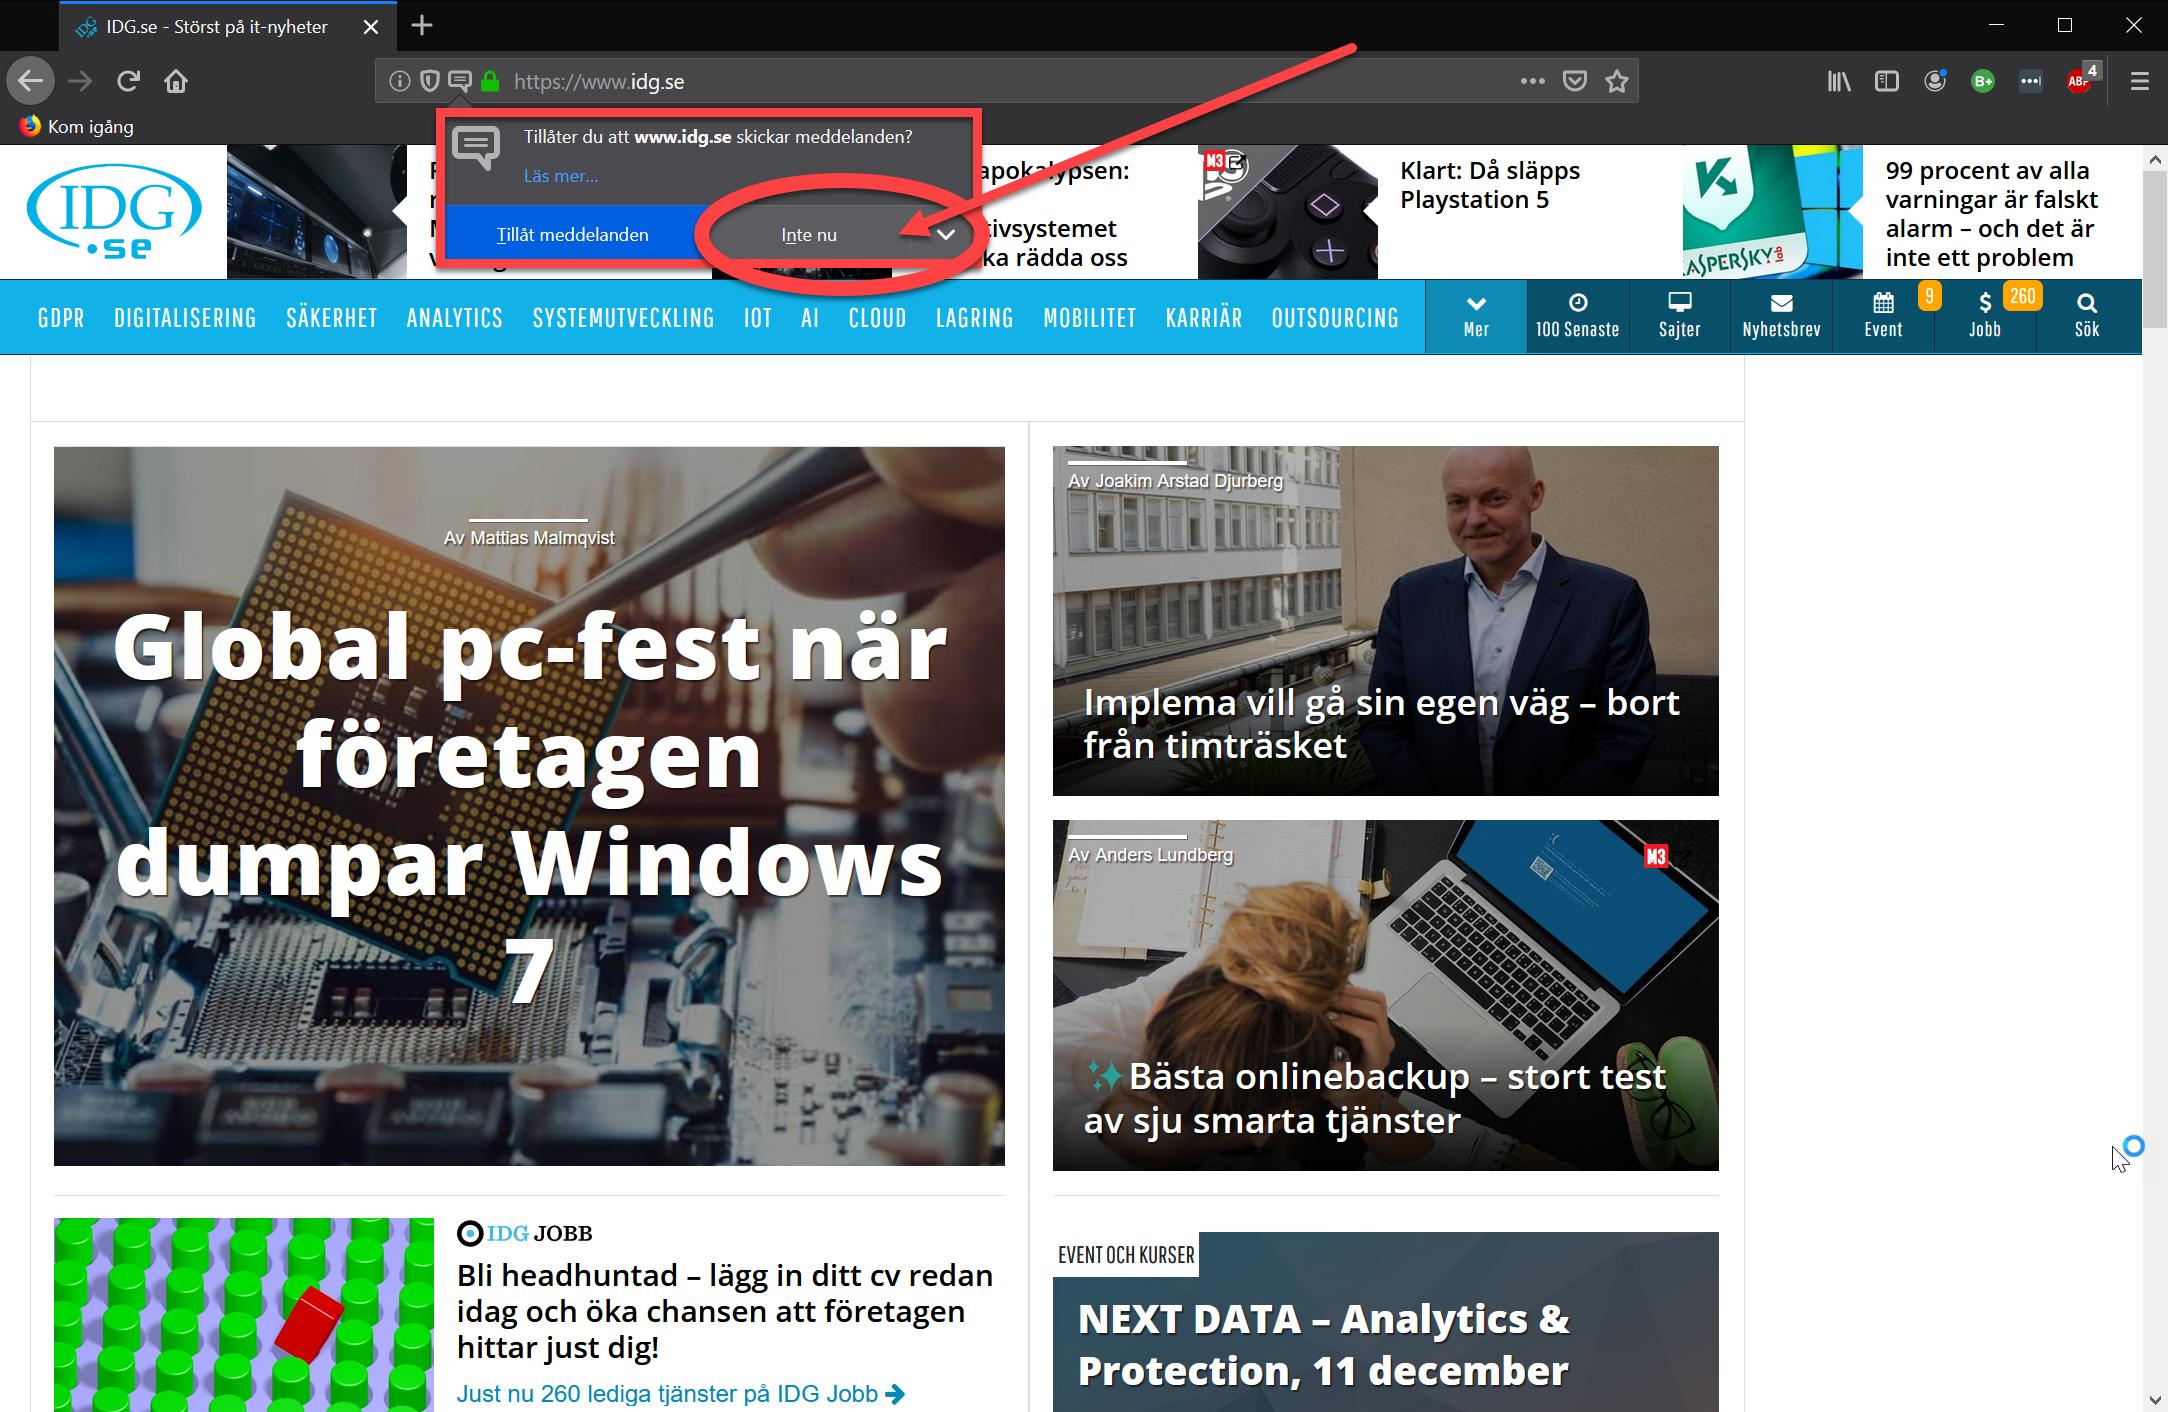 Förfrågan om aviseringar i Mozilla Firefox